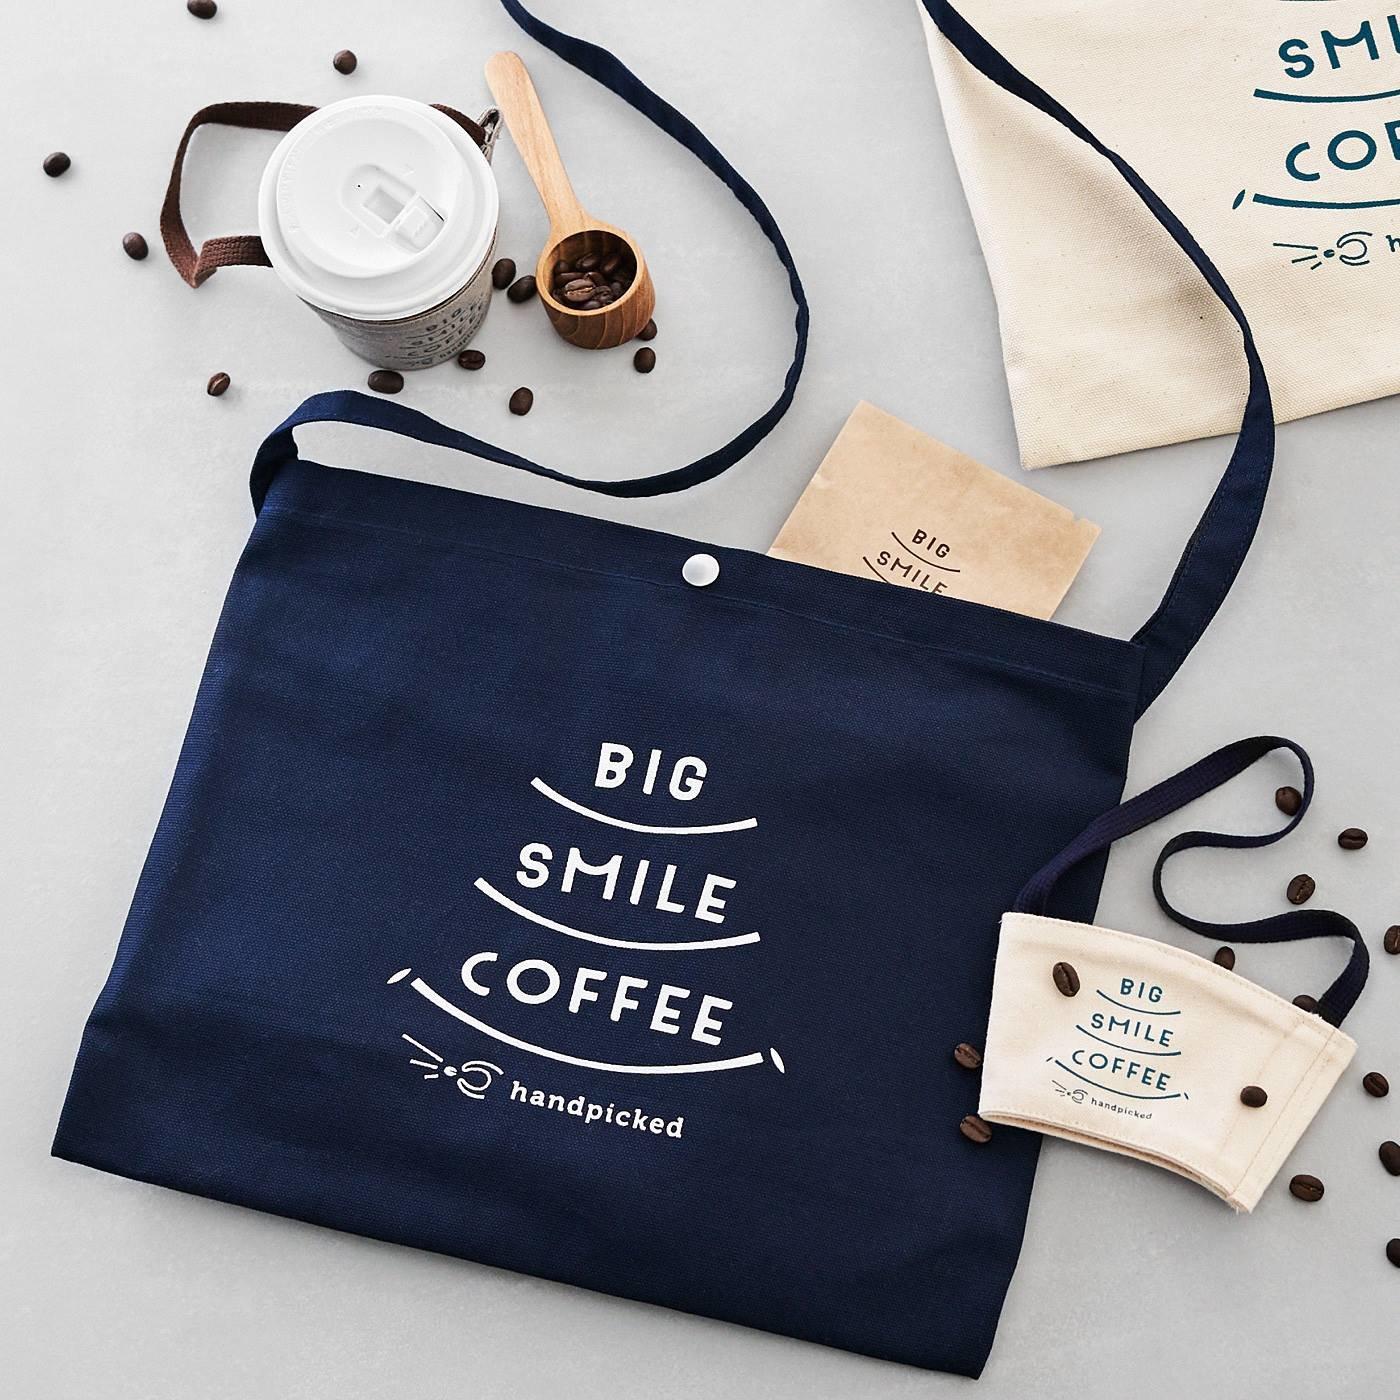 BIG SMILE COFFEE 笑顔がつながる! 身軽に動けるサコッシュバッグの会